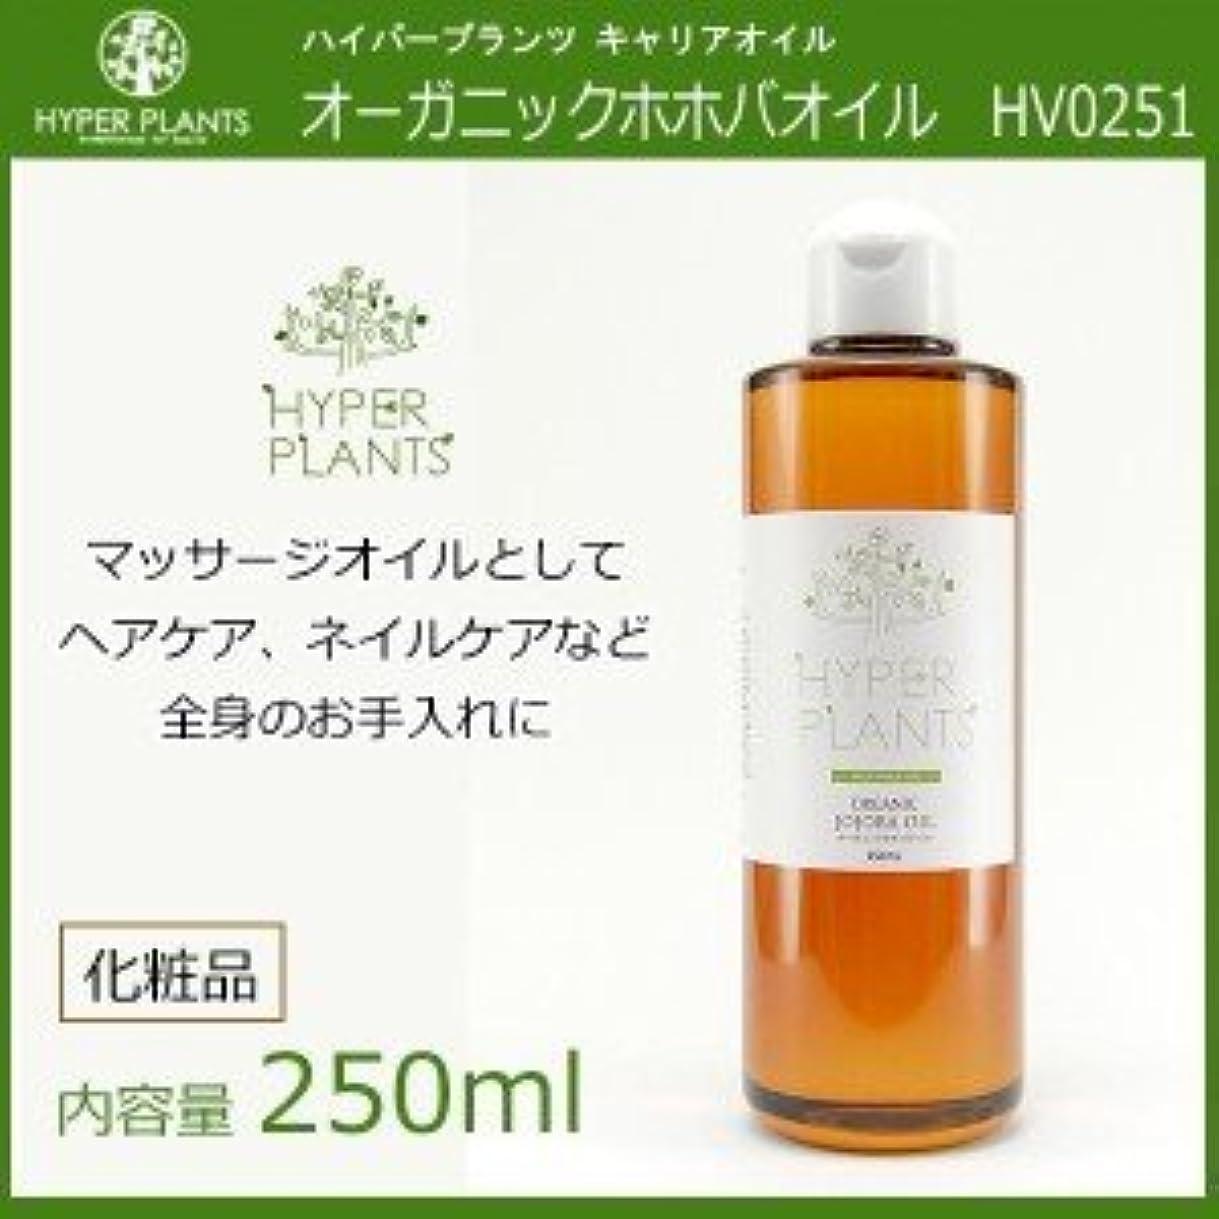 流体ブーストパールHYPER PLANTS ハイパープランツ キャリアオイル オーガニックホホバオイル 250ml HV0251